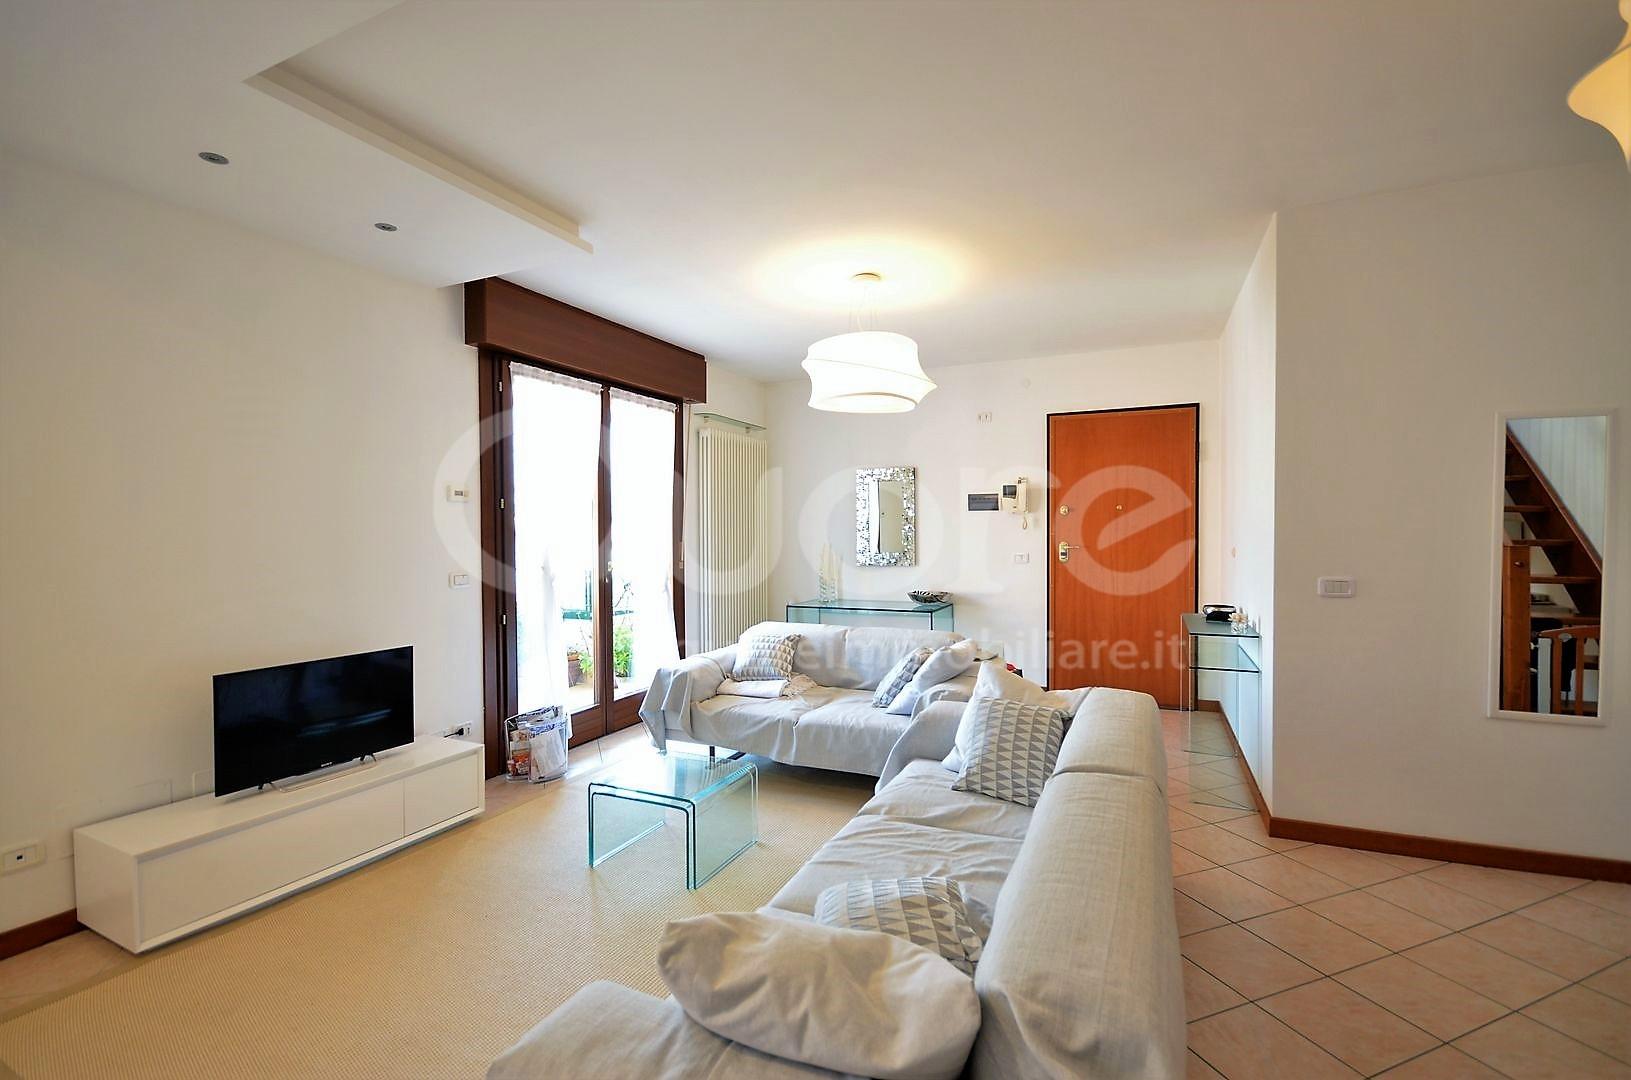 Appartamento in vendita a Udine, 4 locali, zona Zona: Semicentro, prezzo € 183.000 | Cambio Casa.it